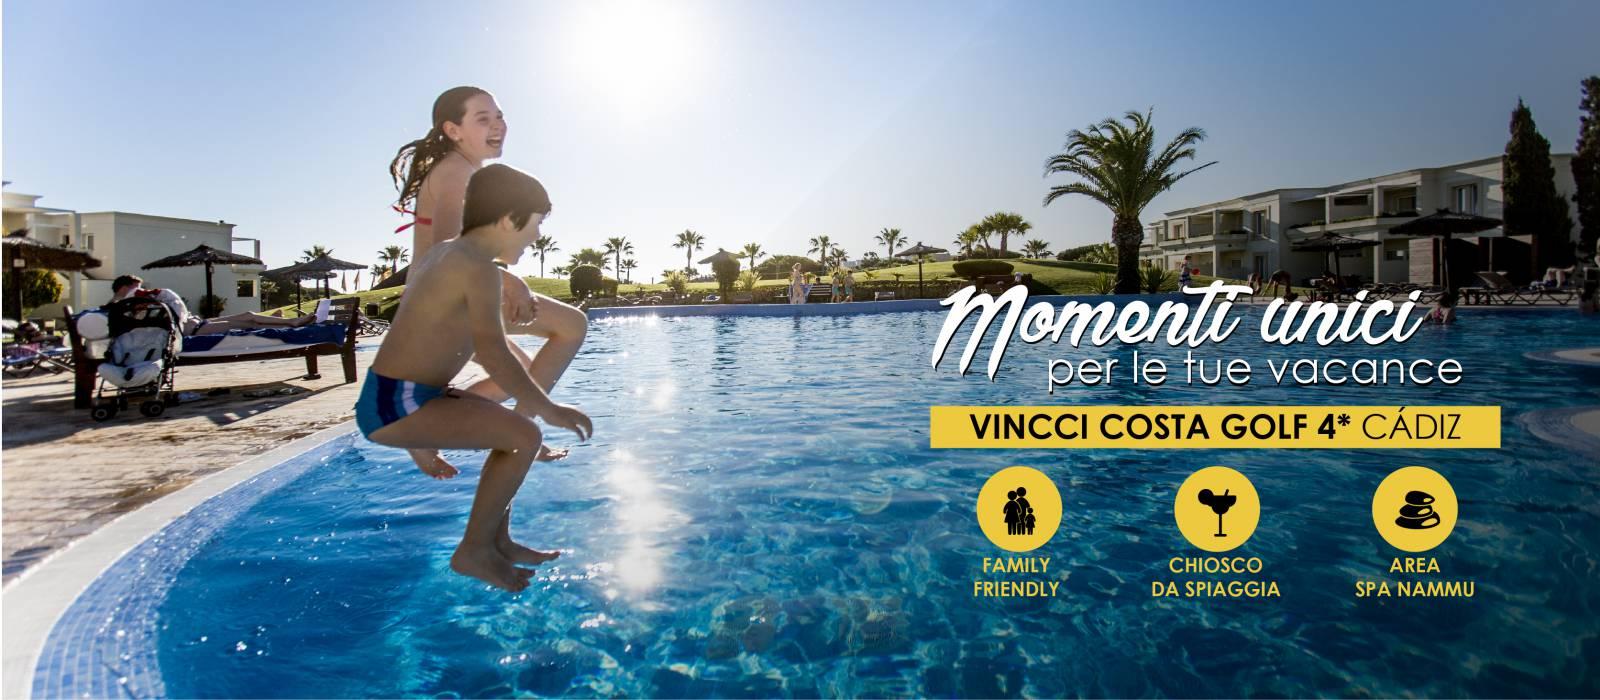 Apertura Costa Golf IT - Vincci Costa Golf